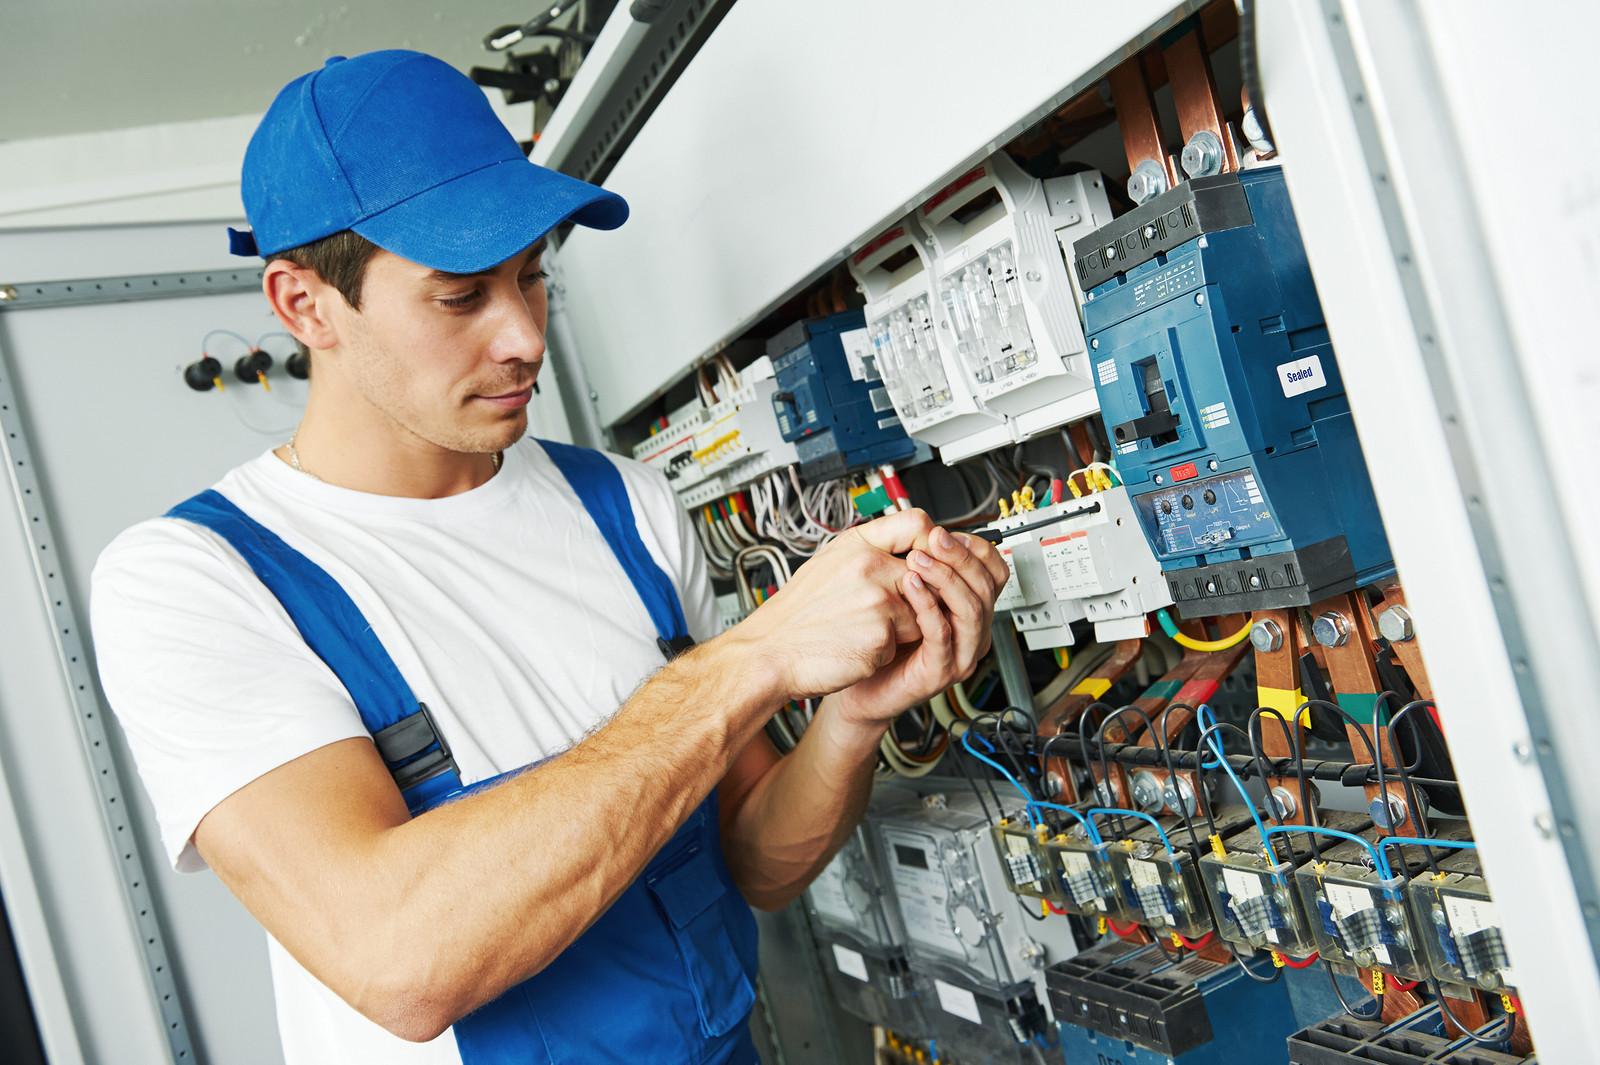 Обучение по электробезопасности с группой допуска по электробезопасности